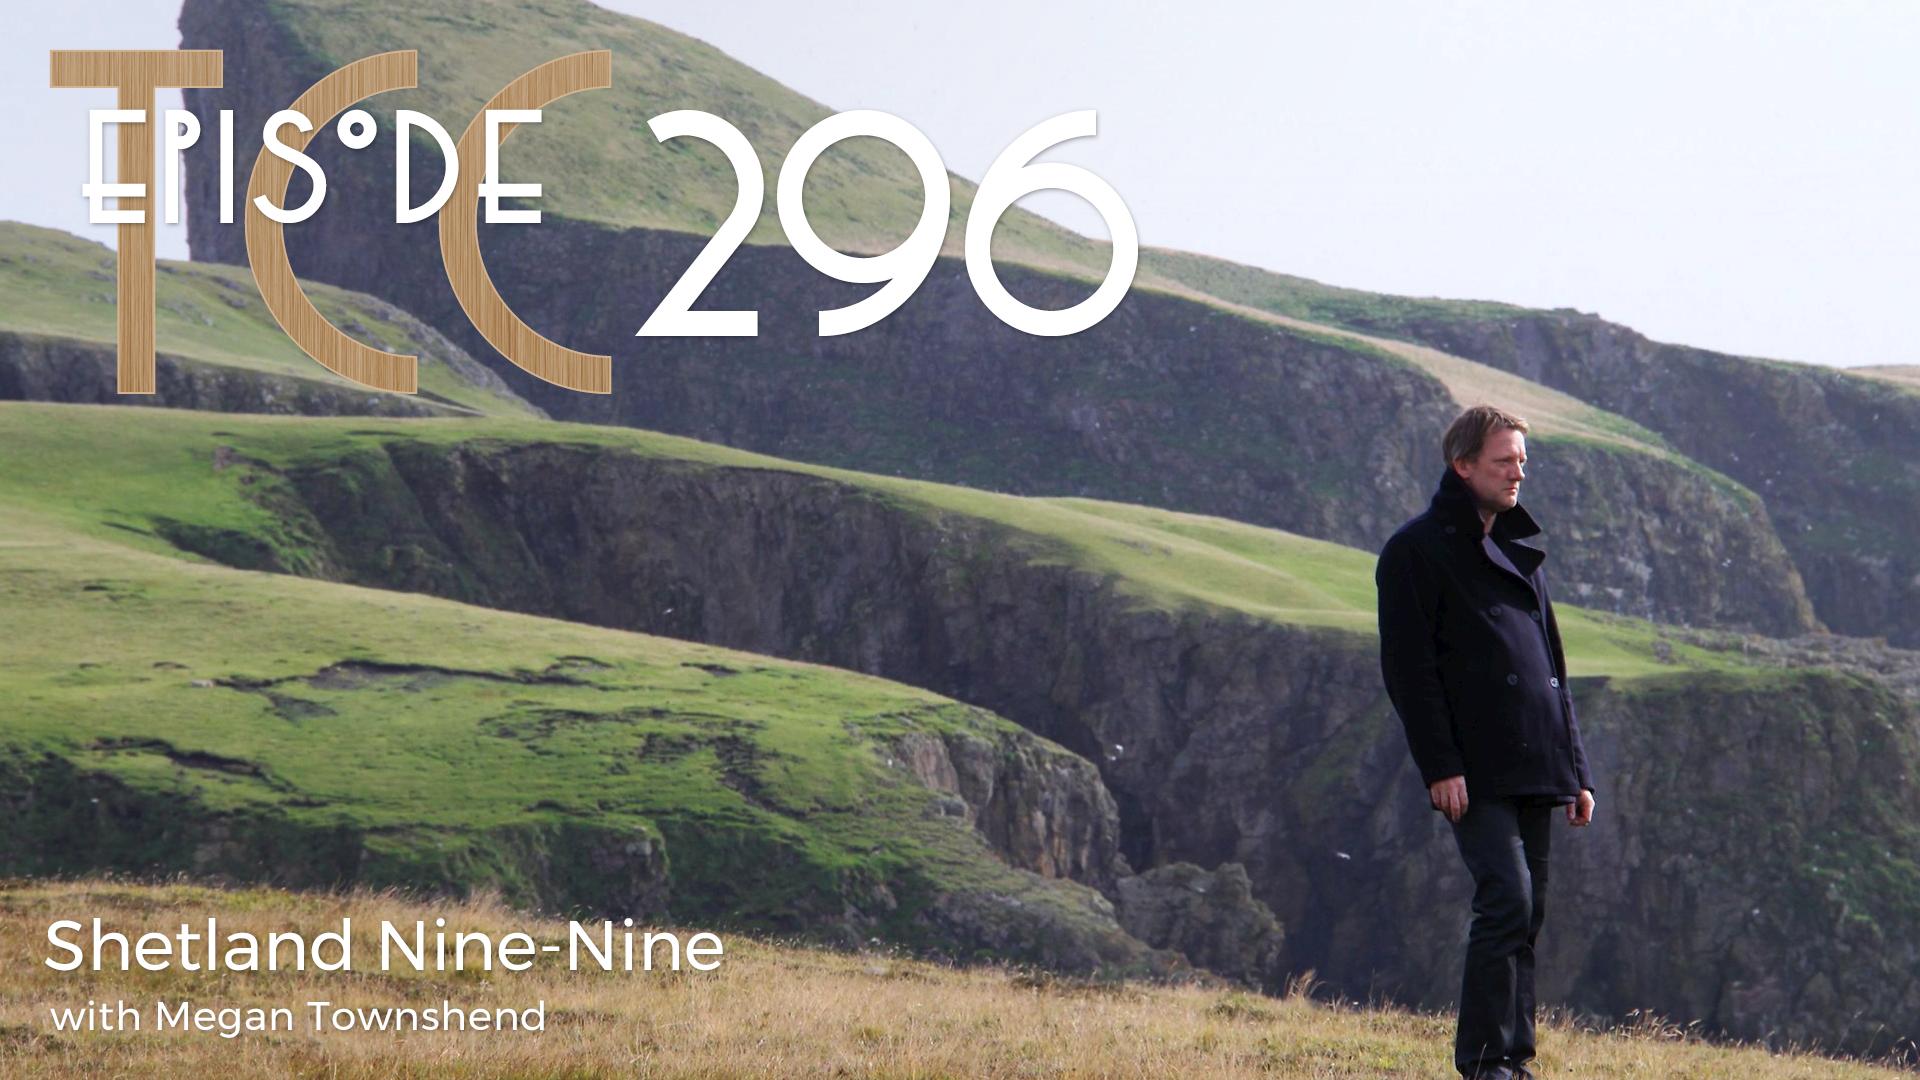 The Citadel Cafe 296: Shetland Nine-Nine